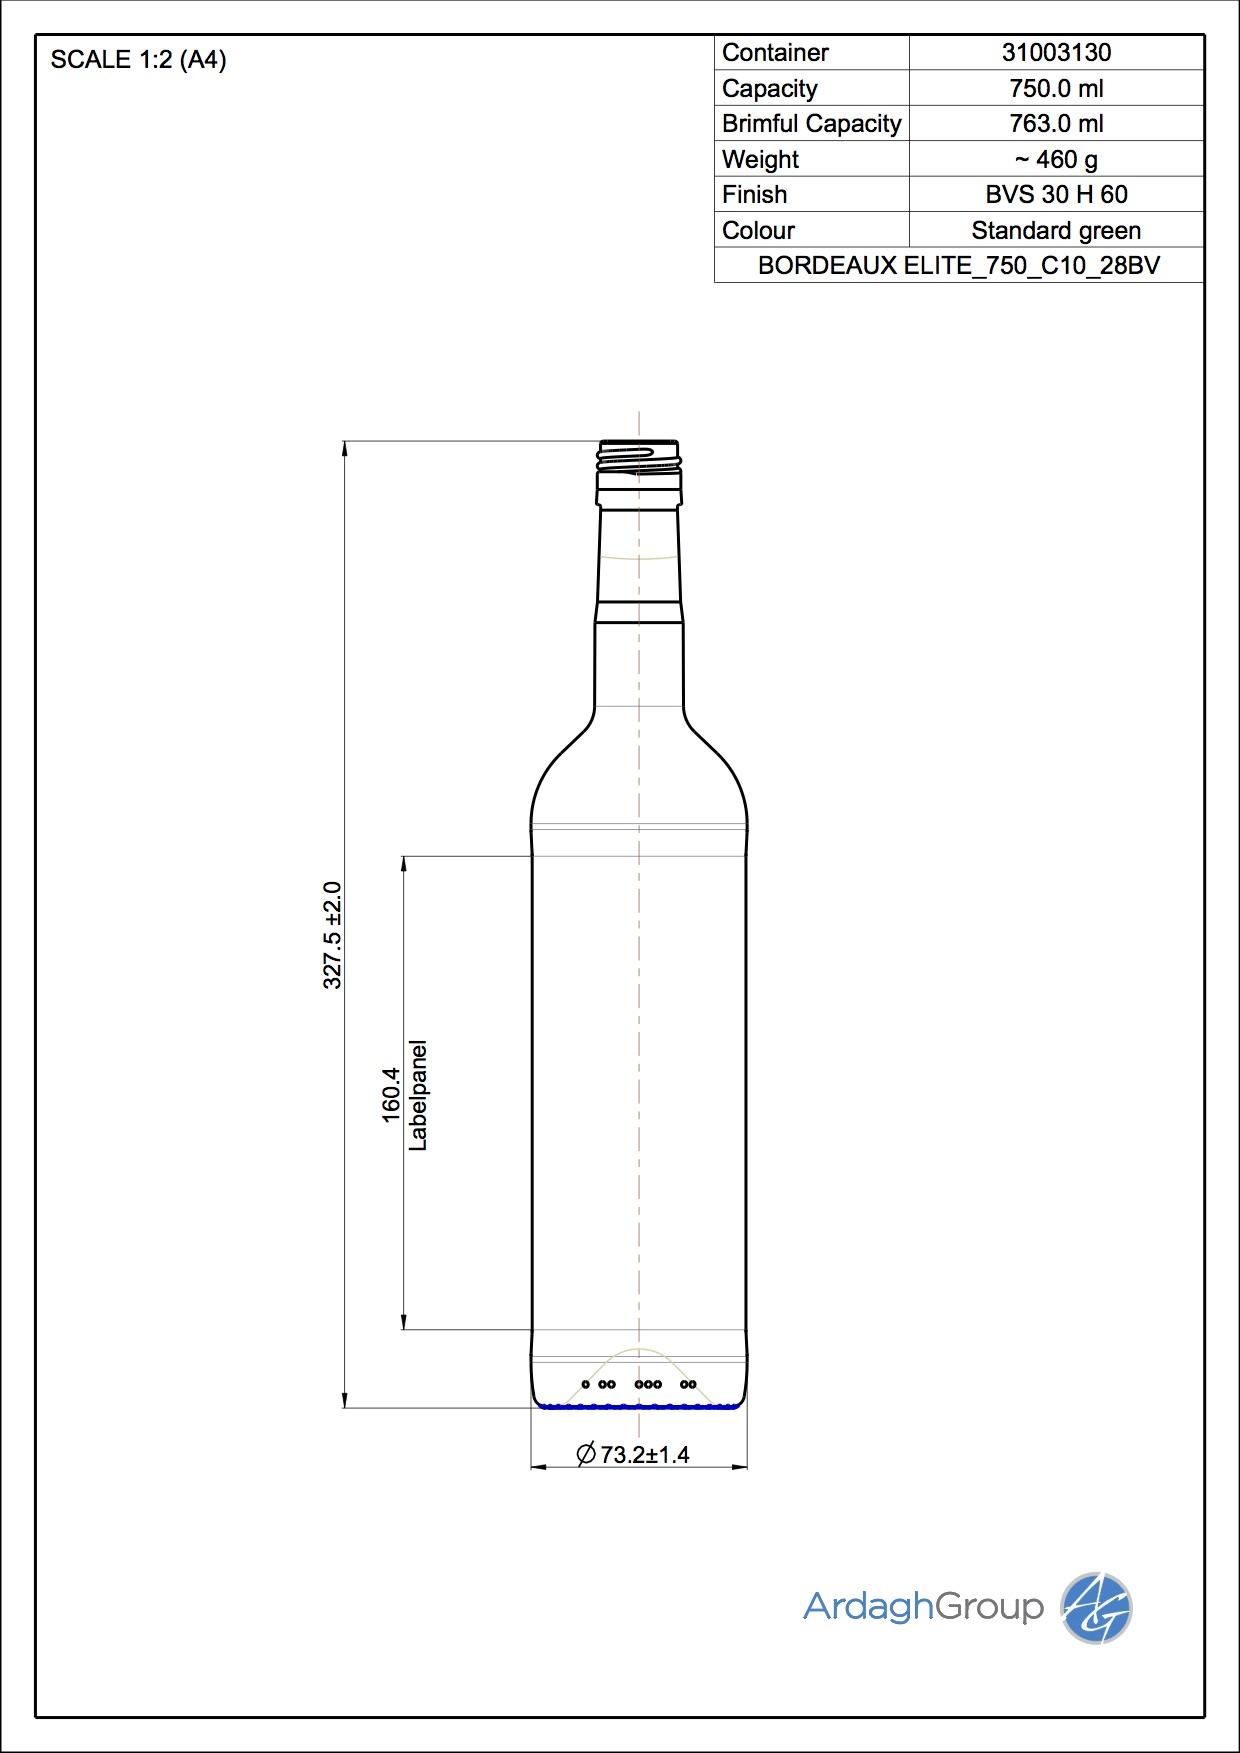 BORDEAUX ELITE_750_C10_28BV